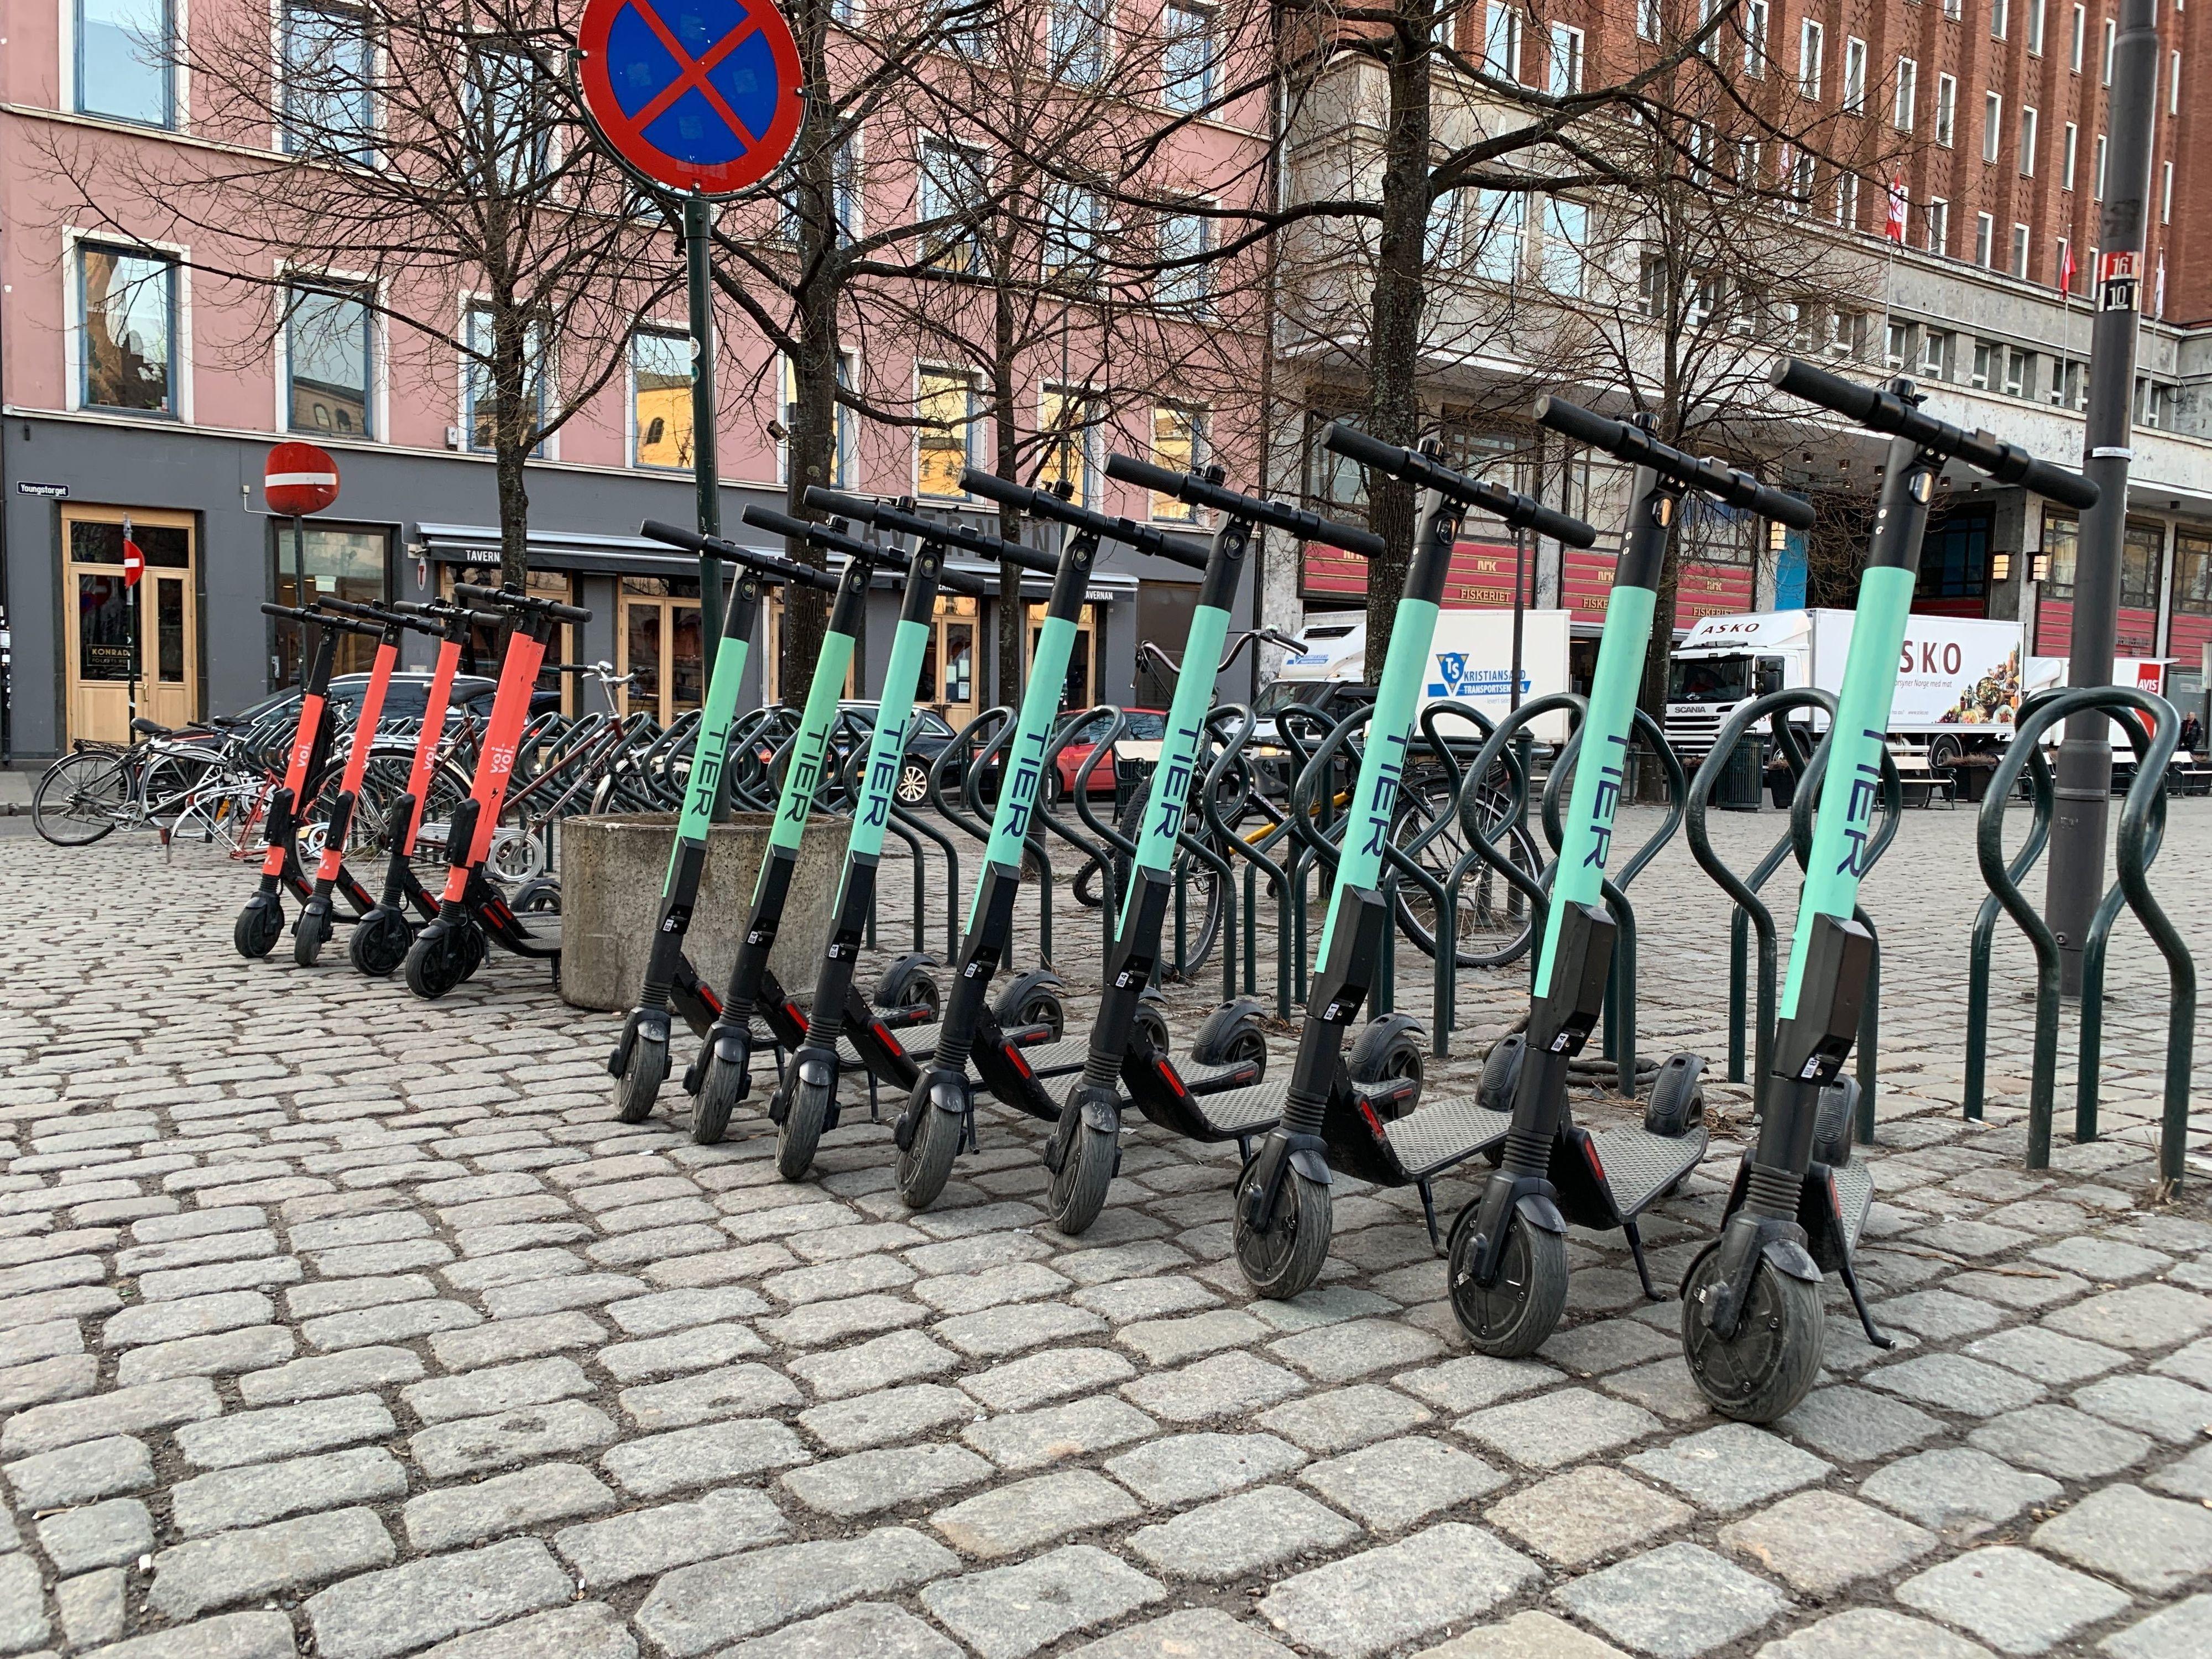 Tidlig morgen i Oslo. På ettermiddagene er det mindre orden i elsparkesykkelrekkene.